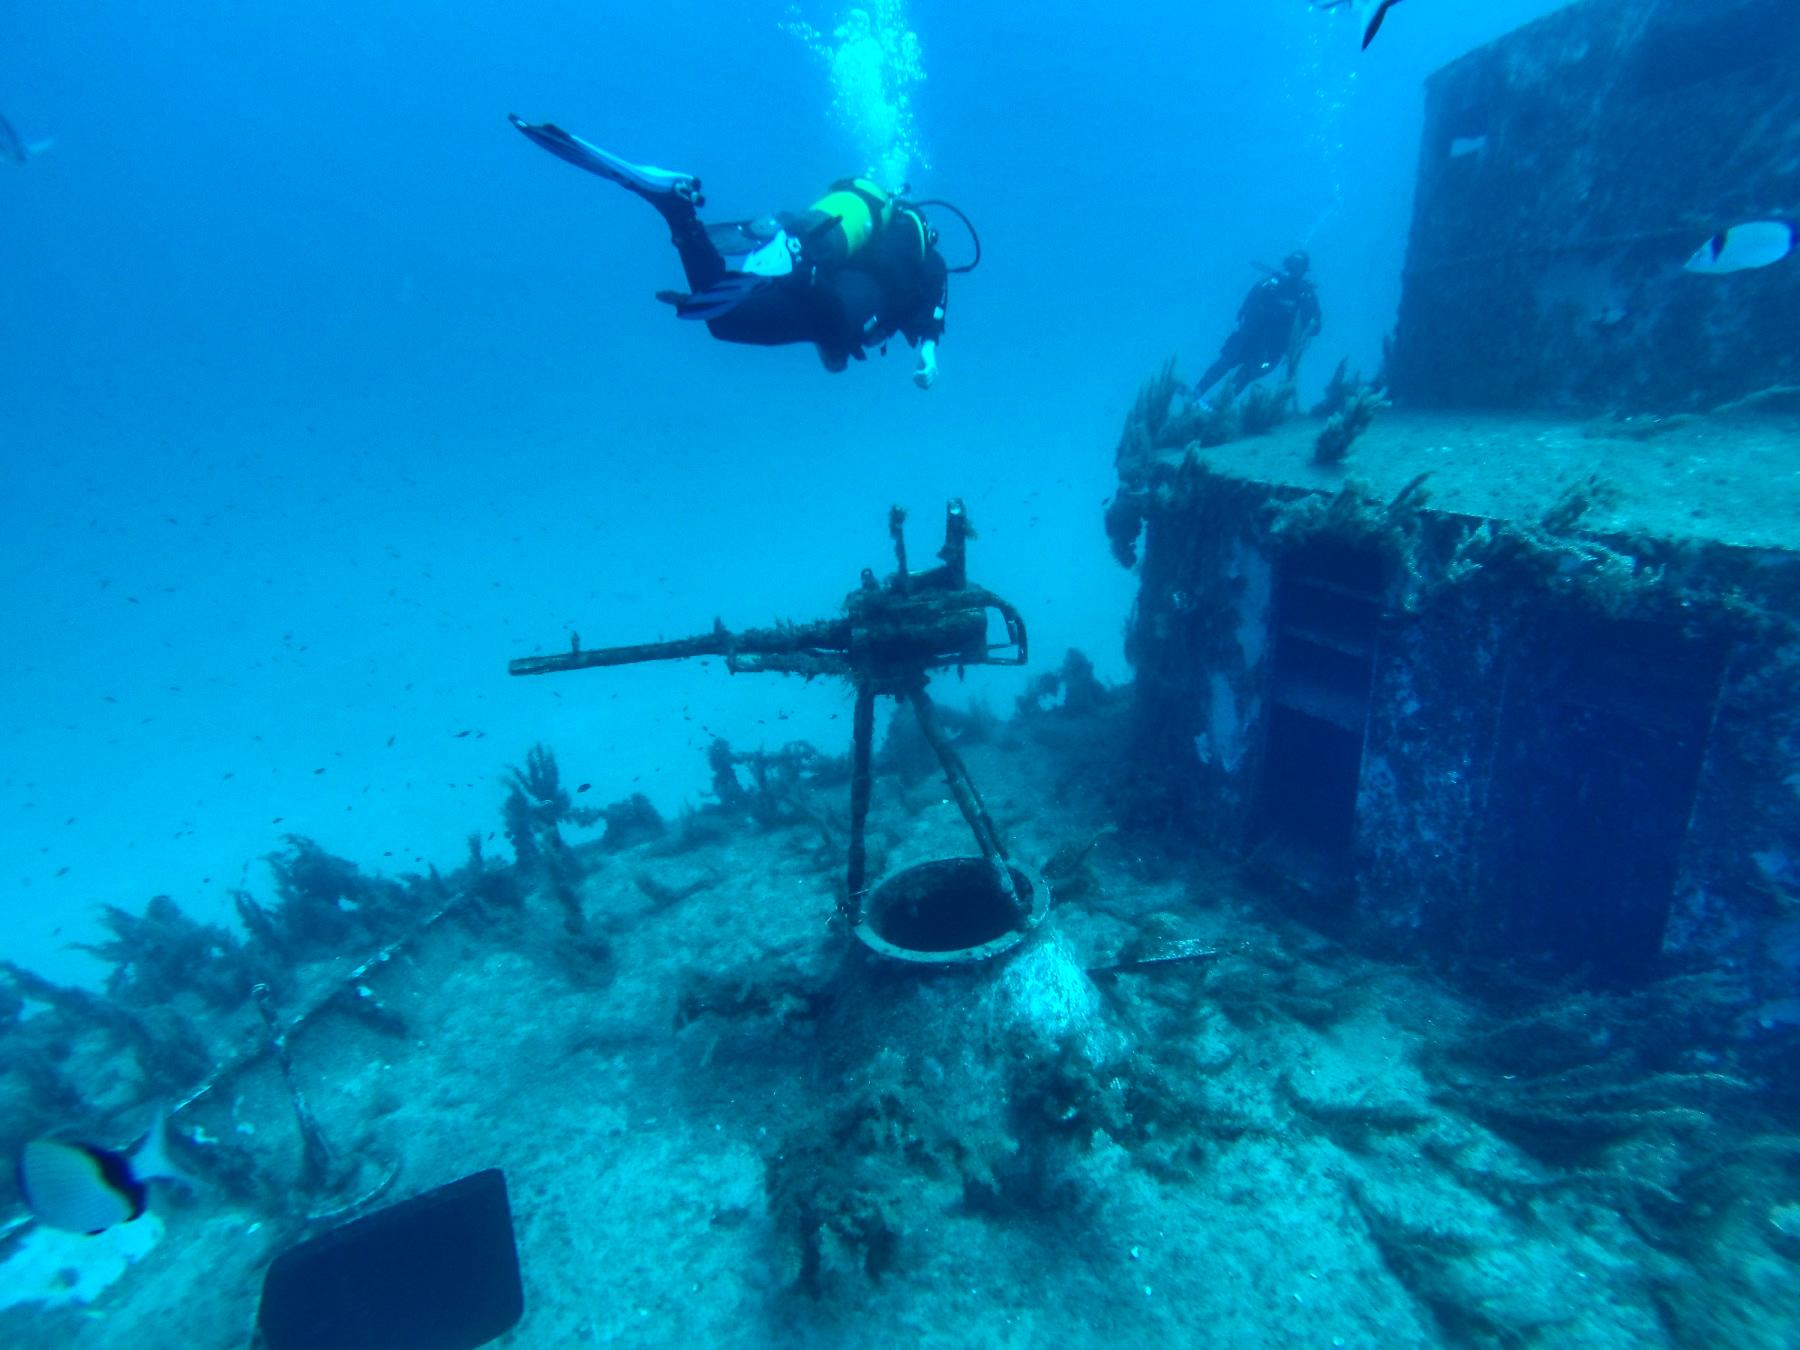 podwodne-dzialo